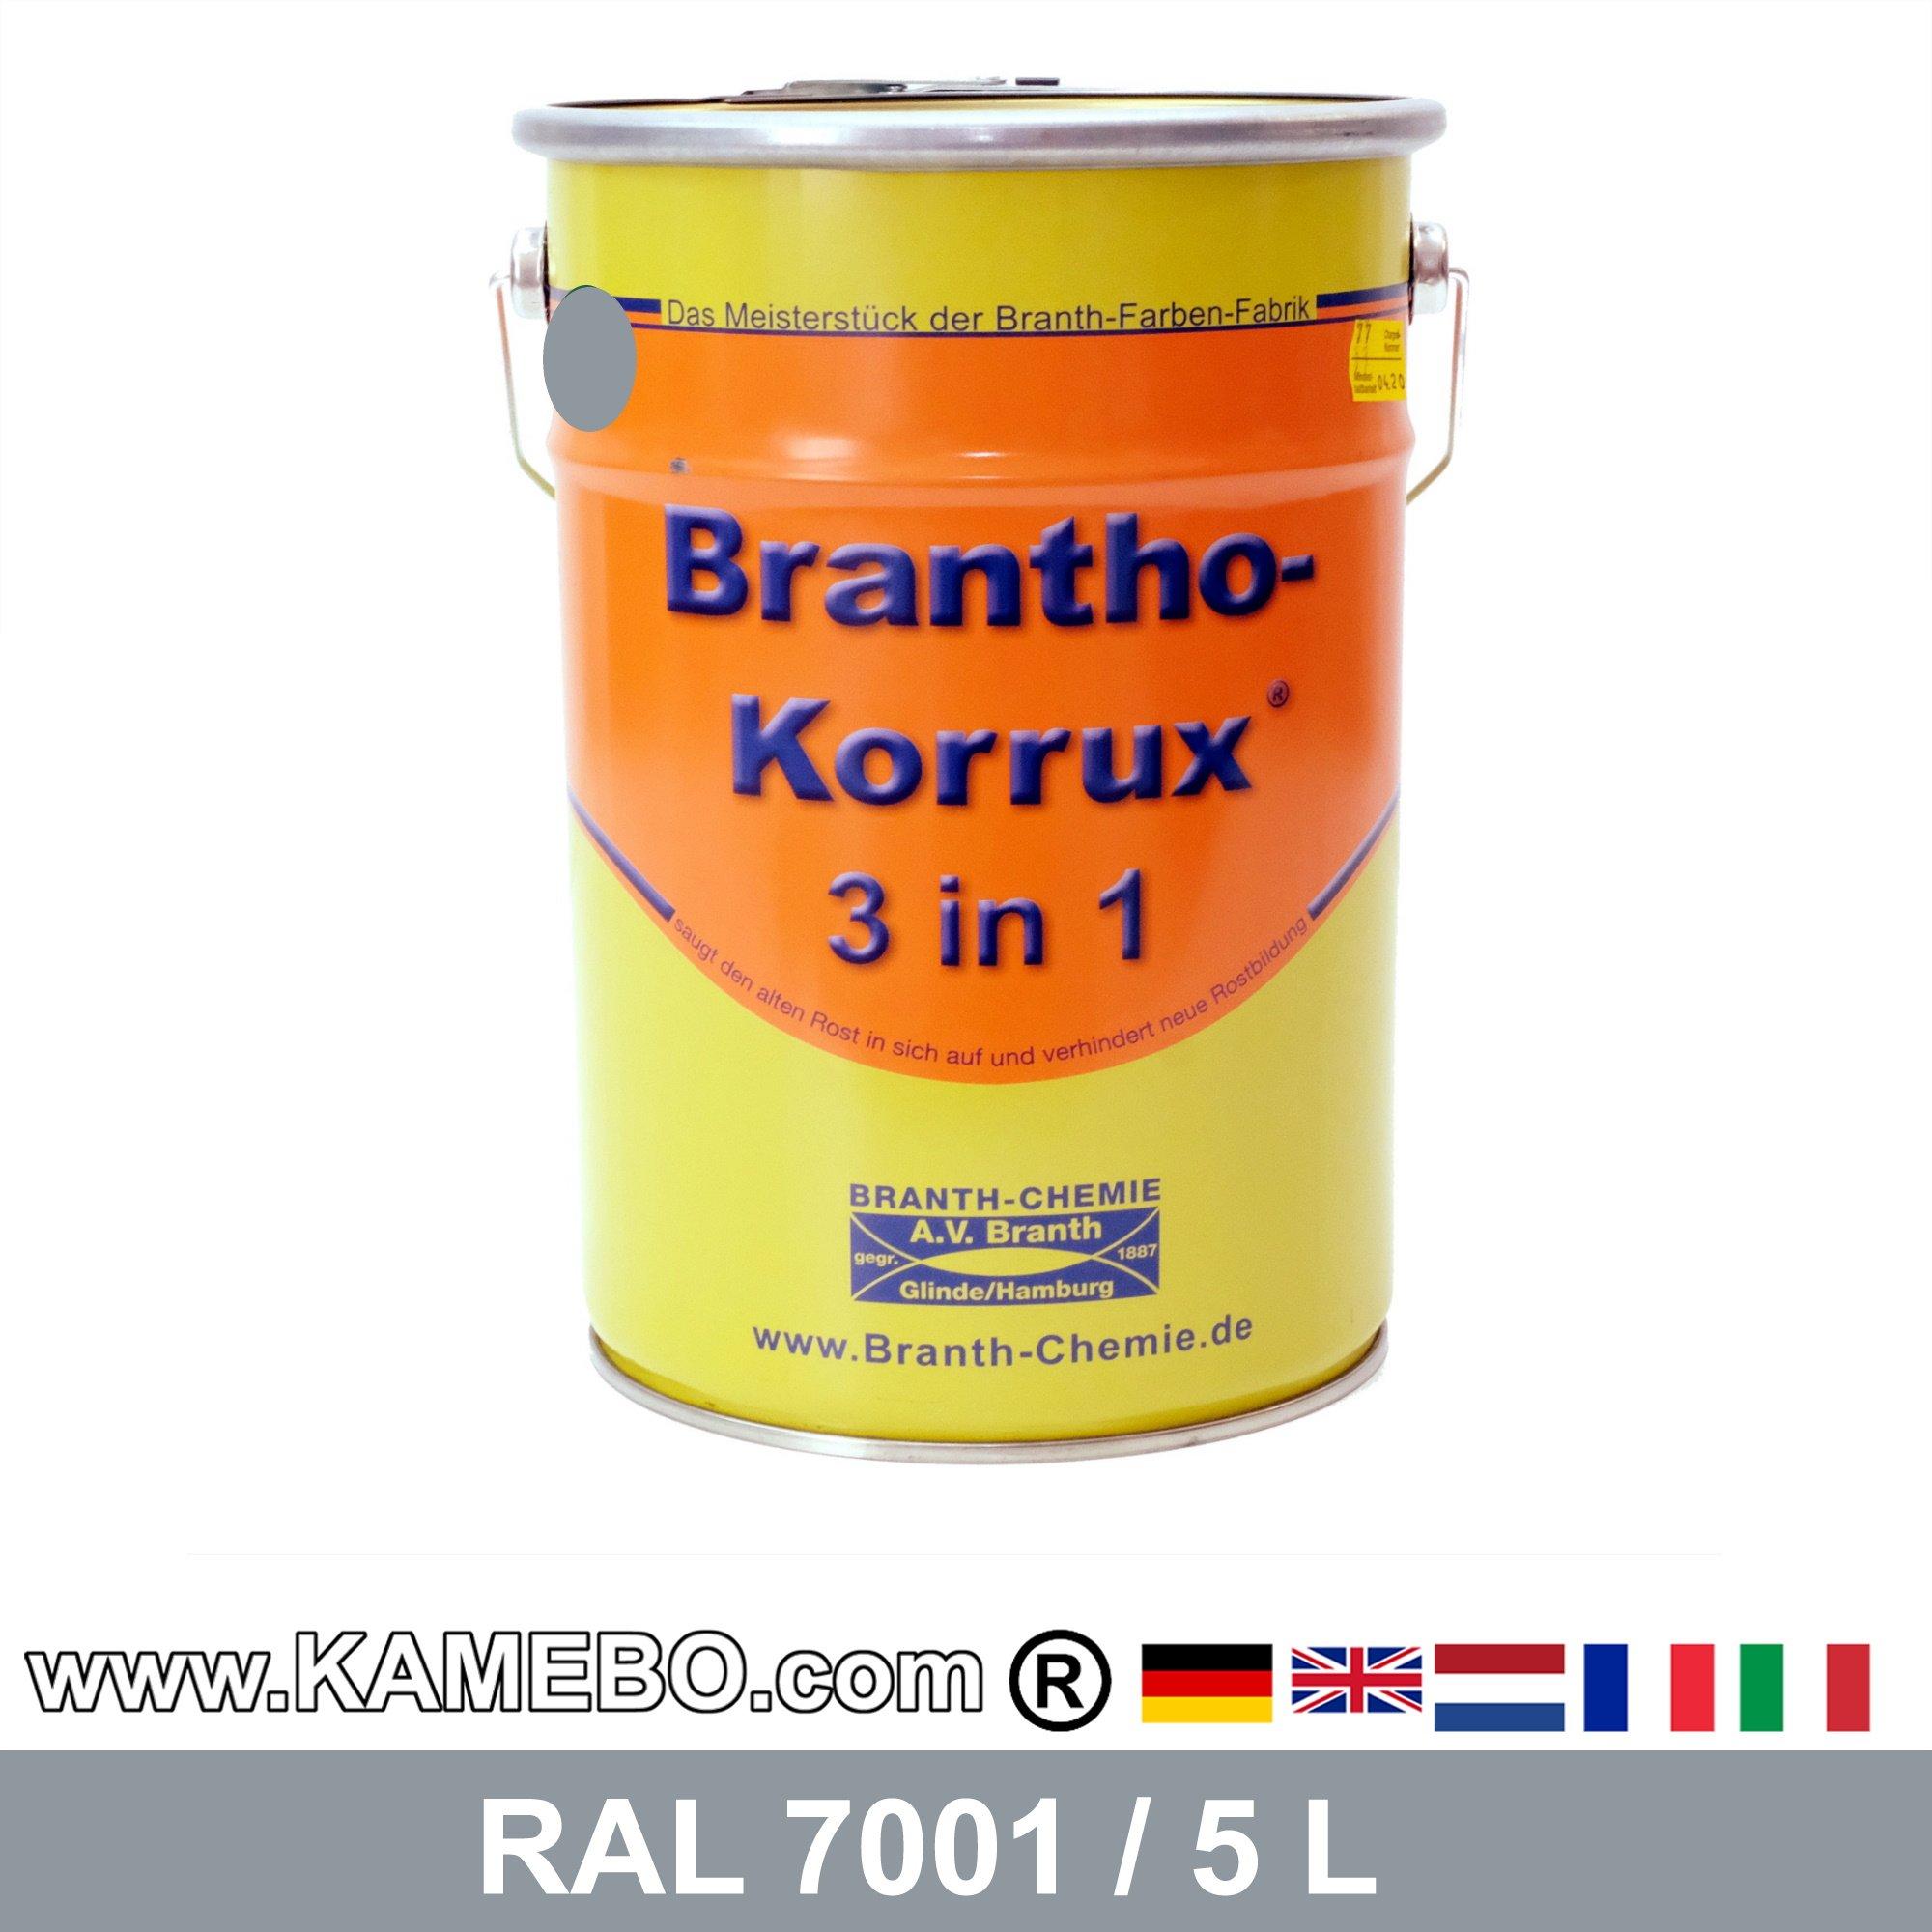 brantho korrux 3in1 peinture antirouille ral 7001 gris. Black Bedroom Furniture Sets. Home Design Ideas